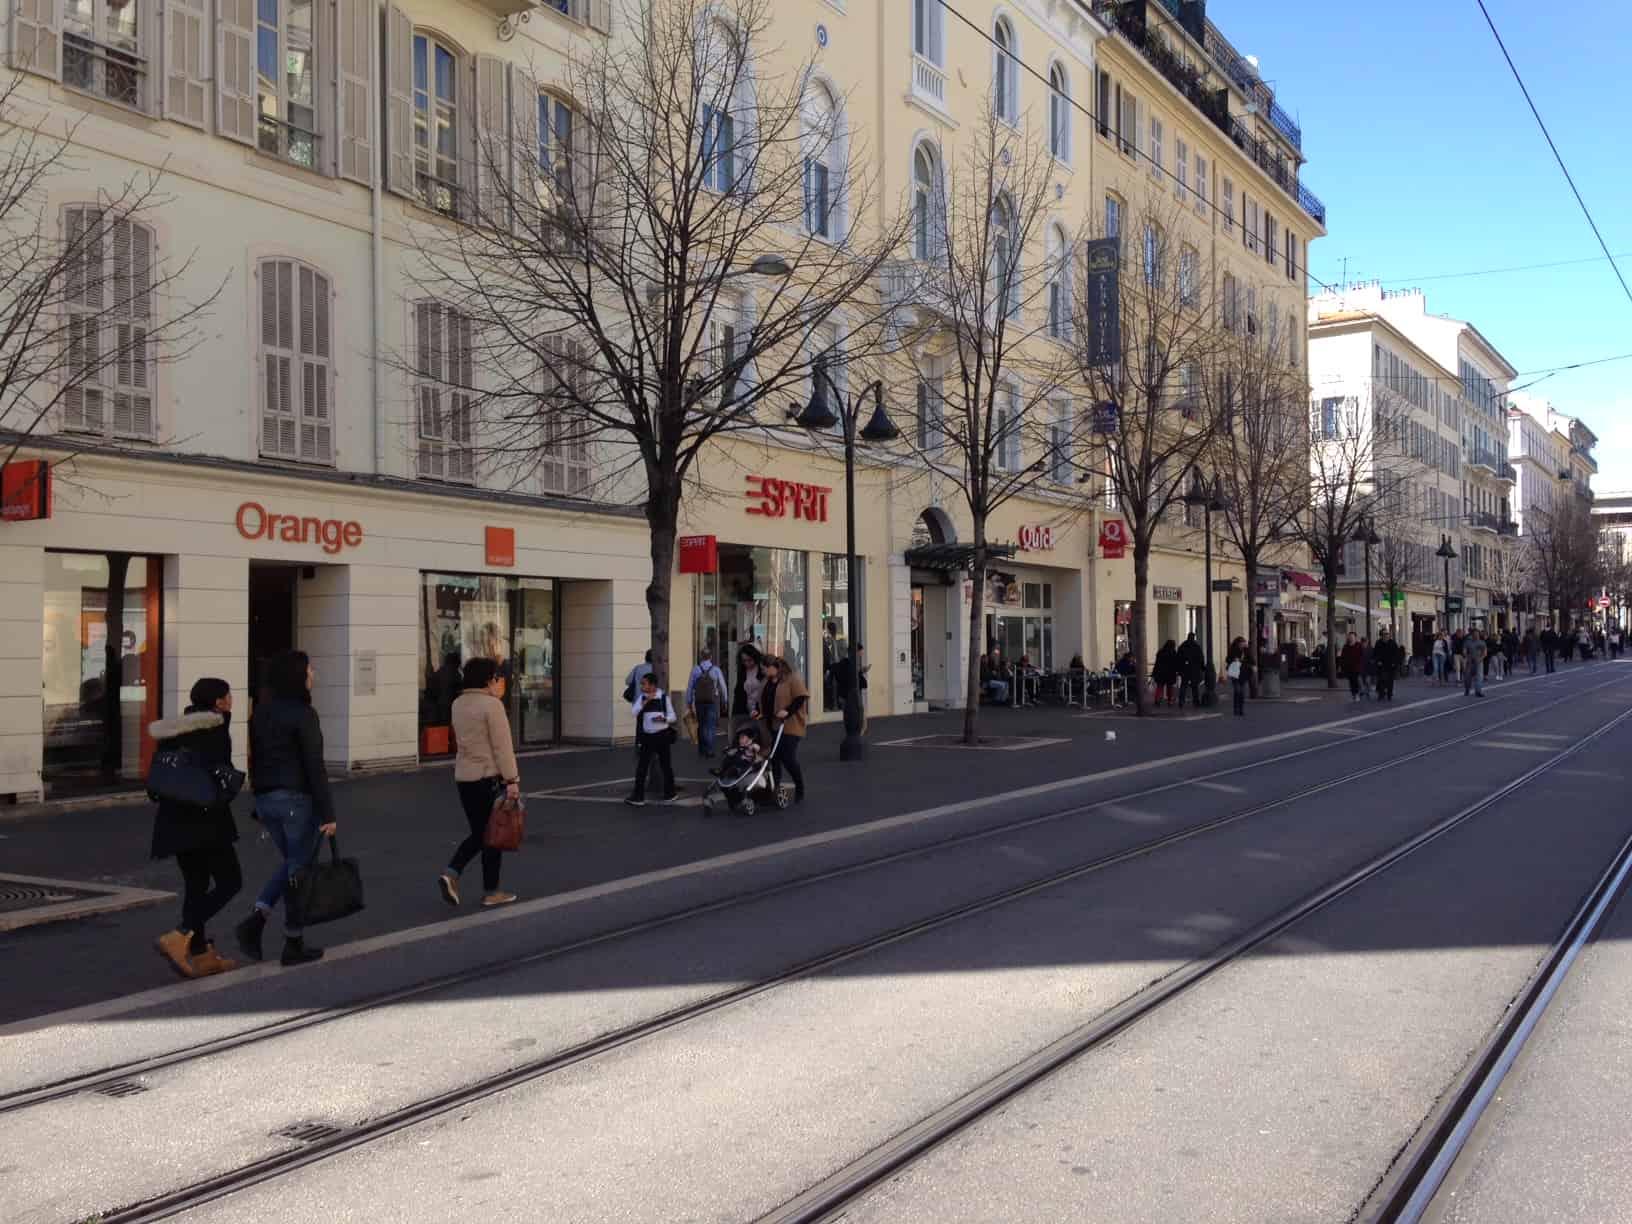 Bb2507 N°1 Commerces Liberté Jean Emplacement Avenue Medecin qI6wzn08